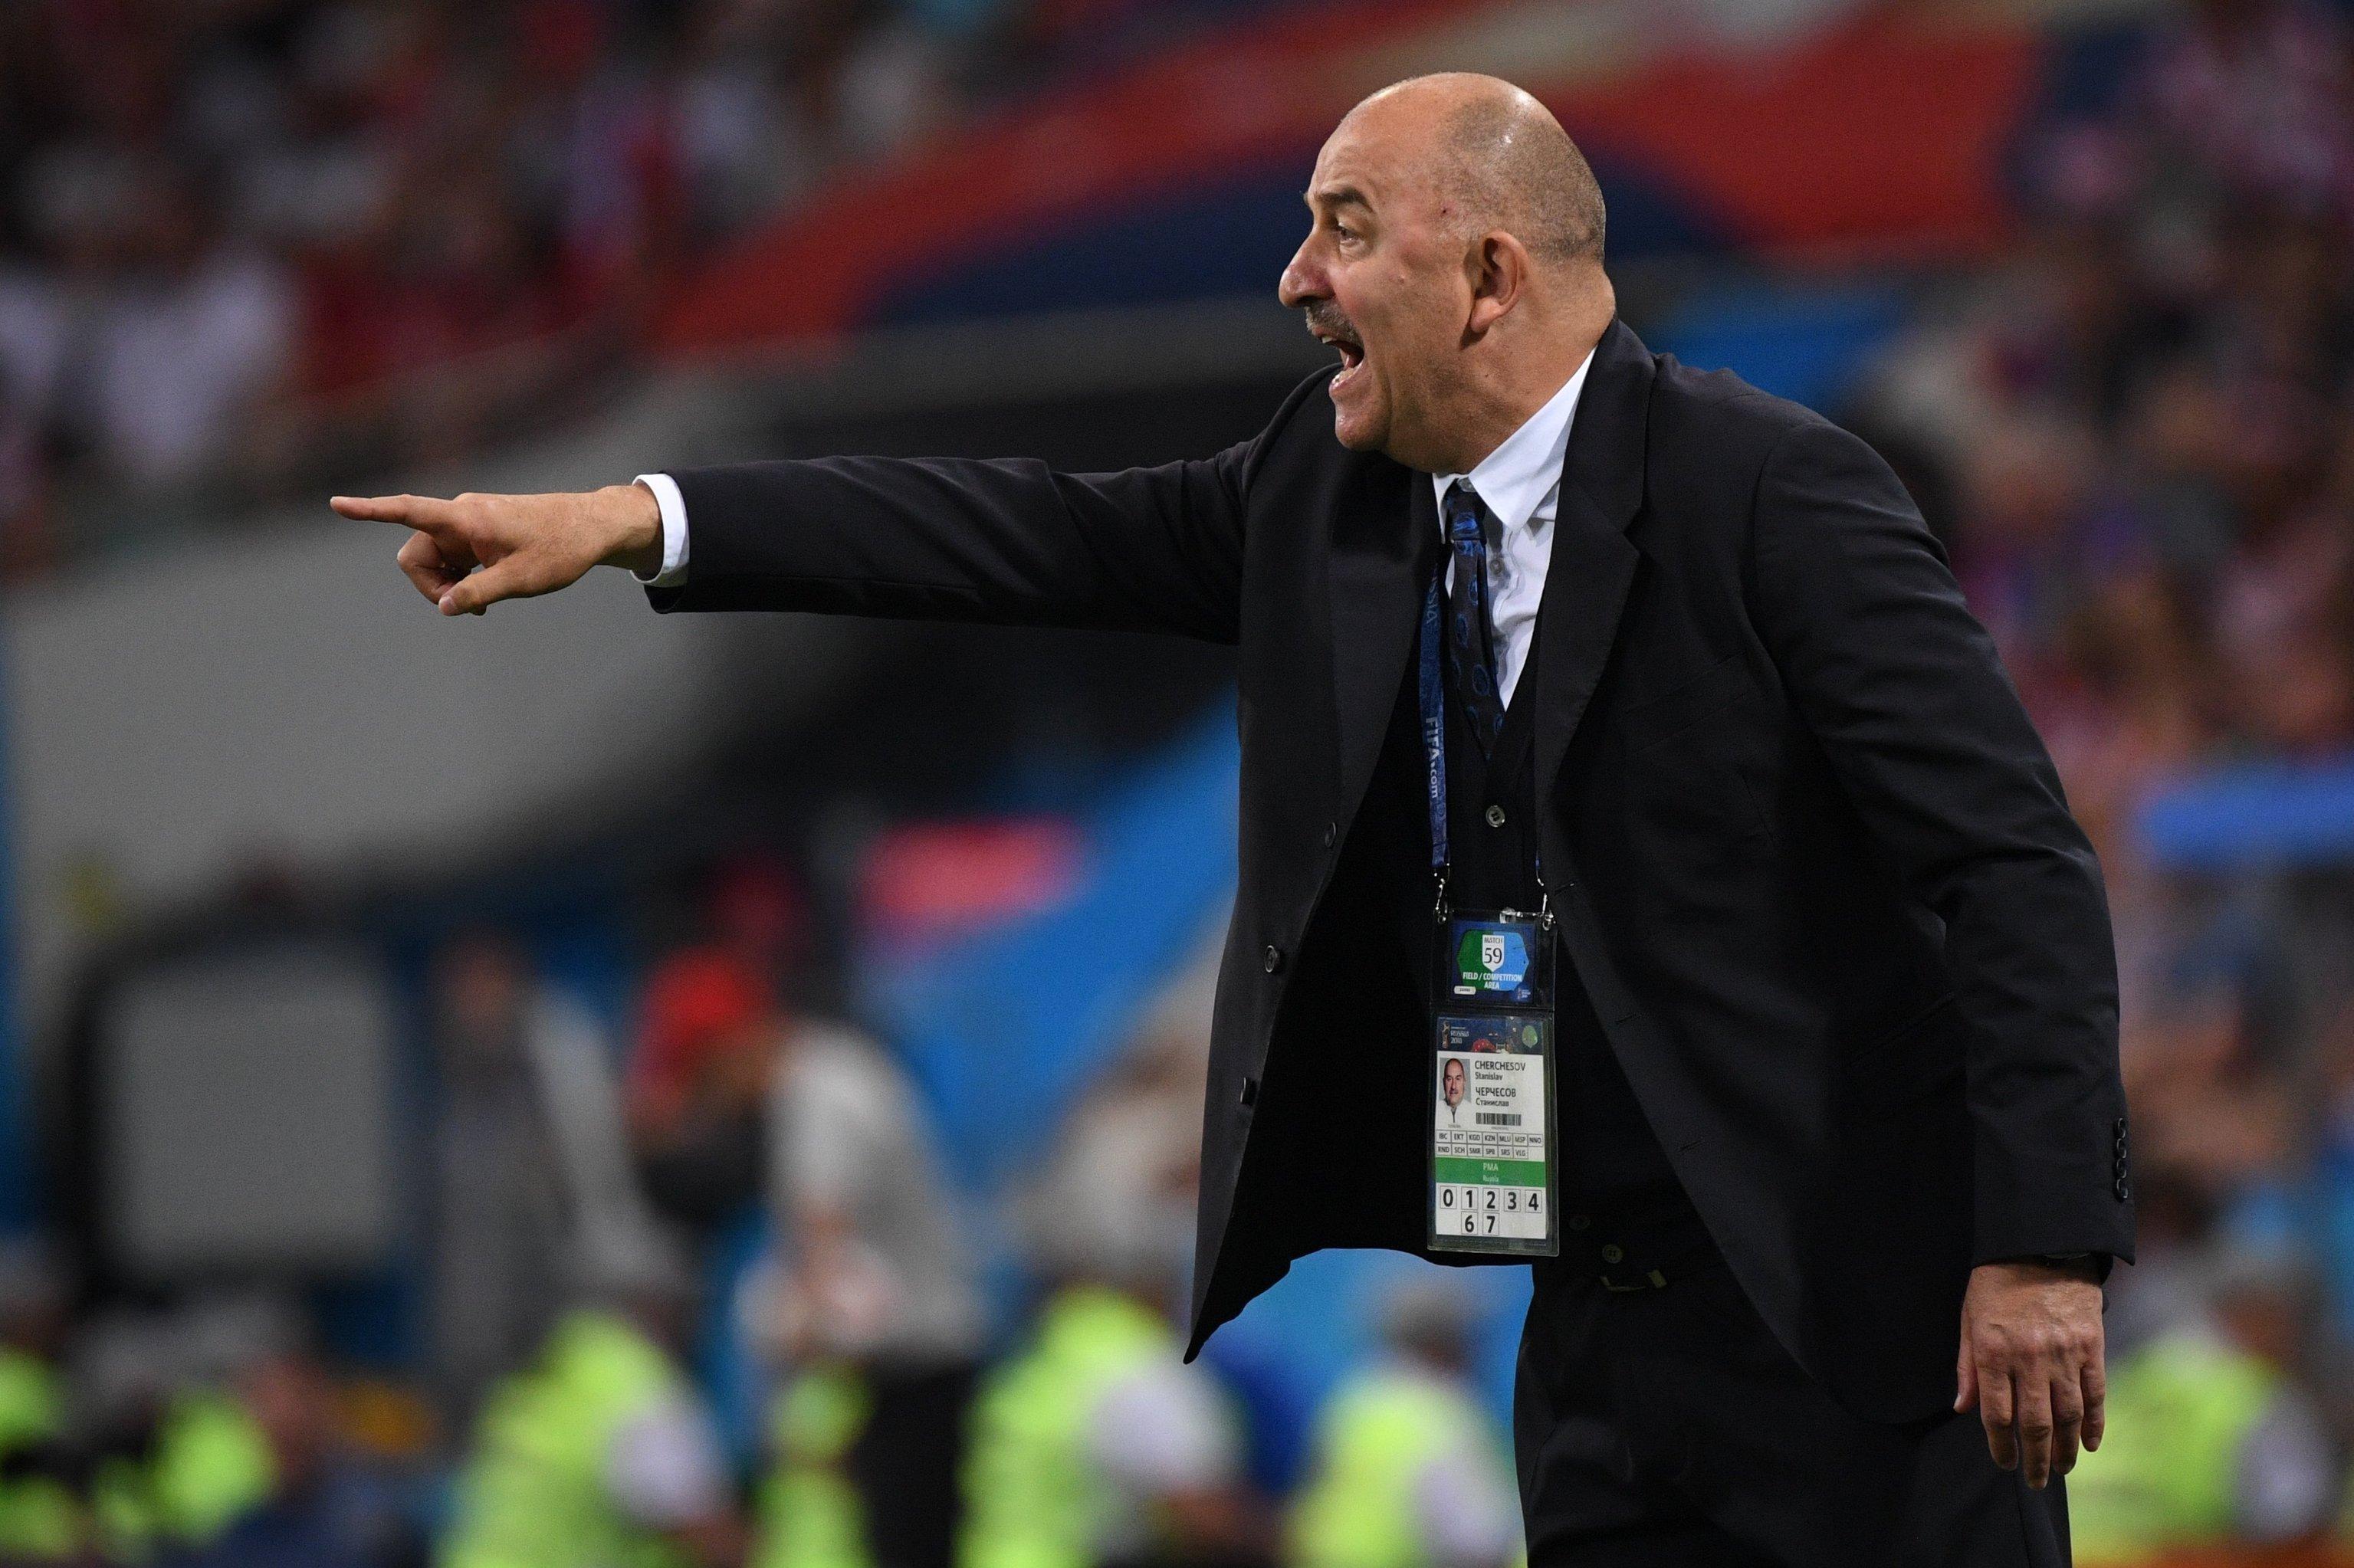 FIFA World Cup 2018 Quarterfinals, Russia - Croatia